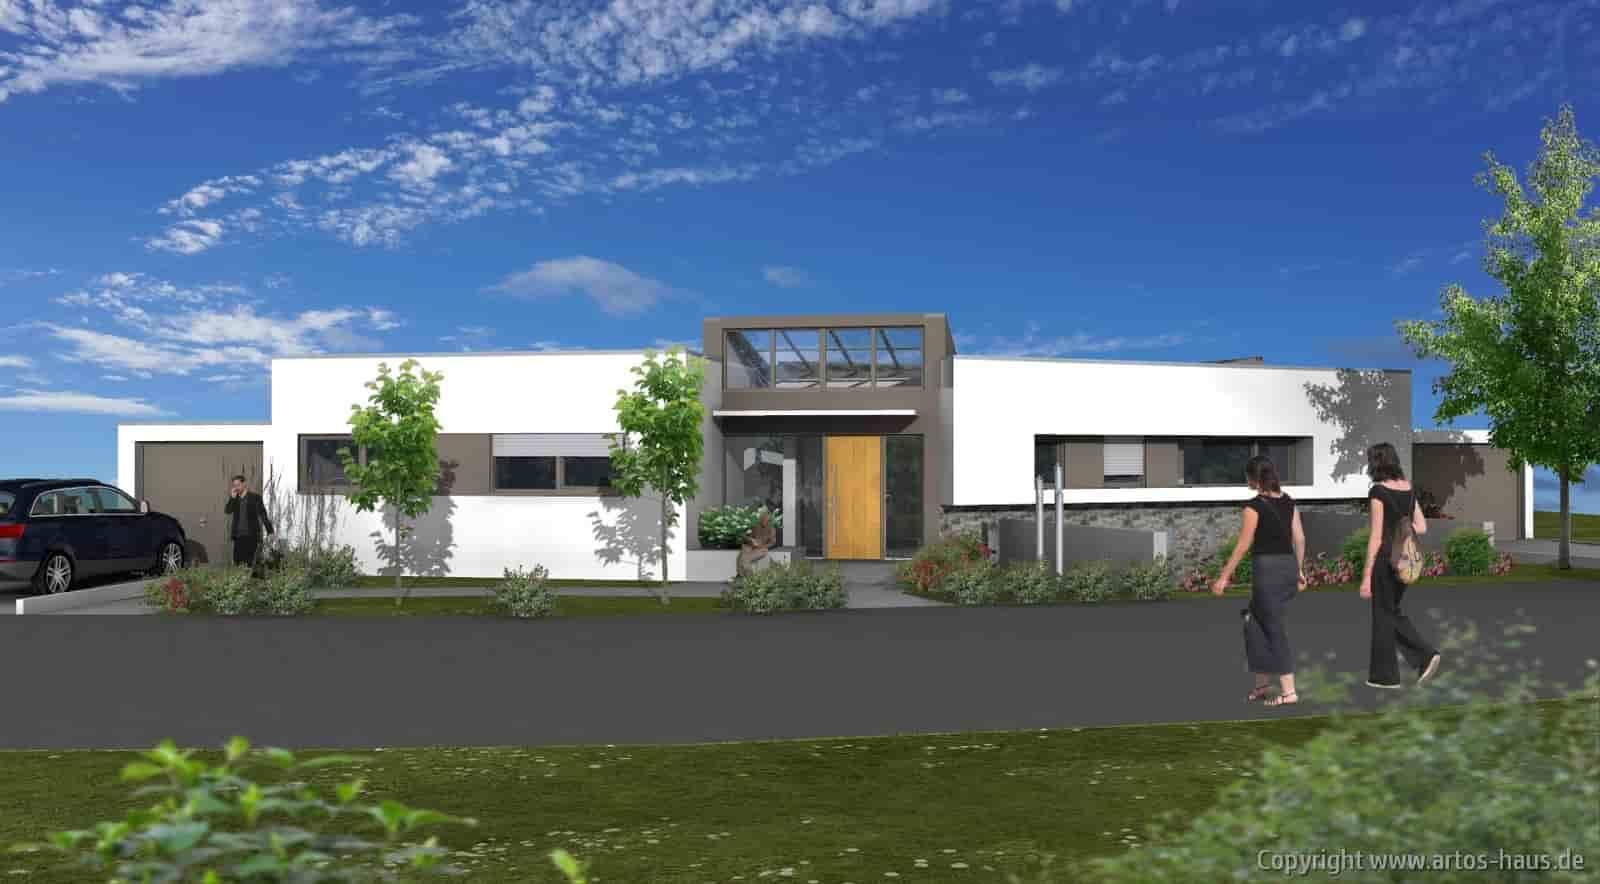 BV in 50226 Frechen - Artos Haus